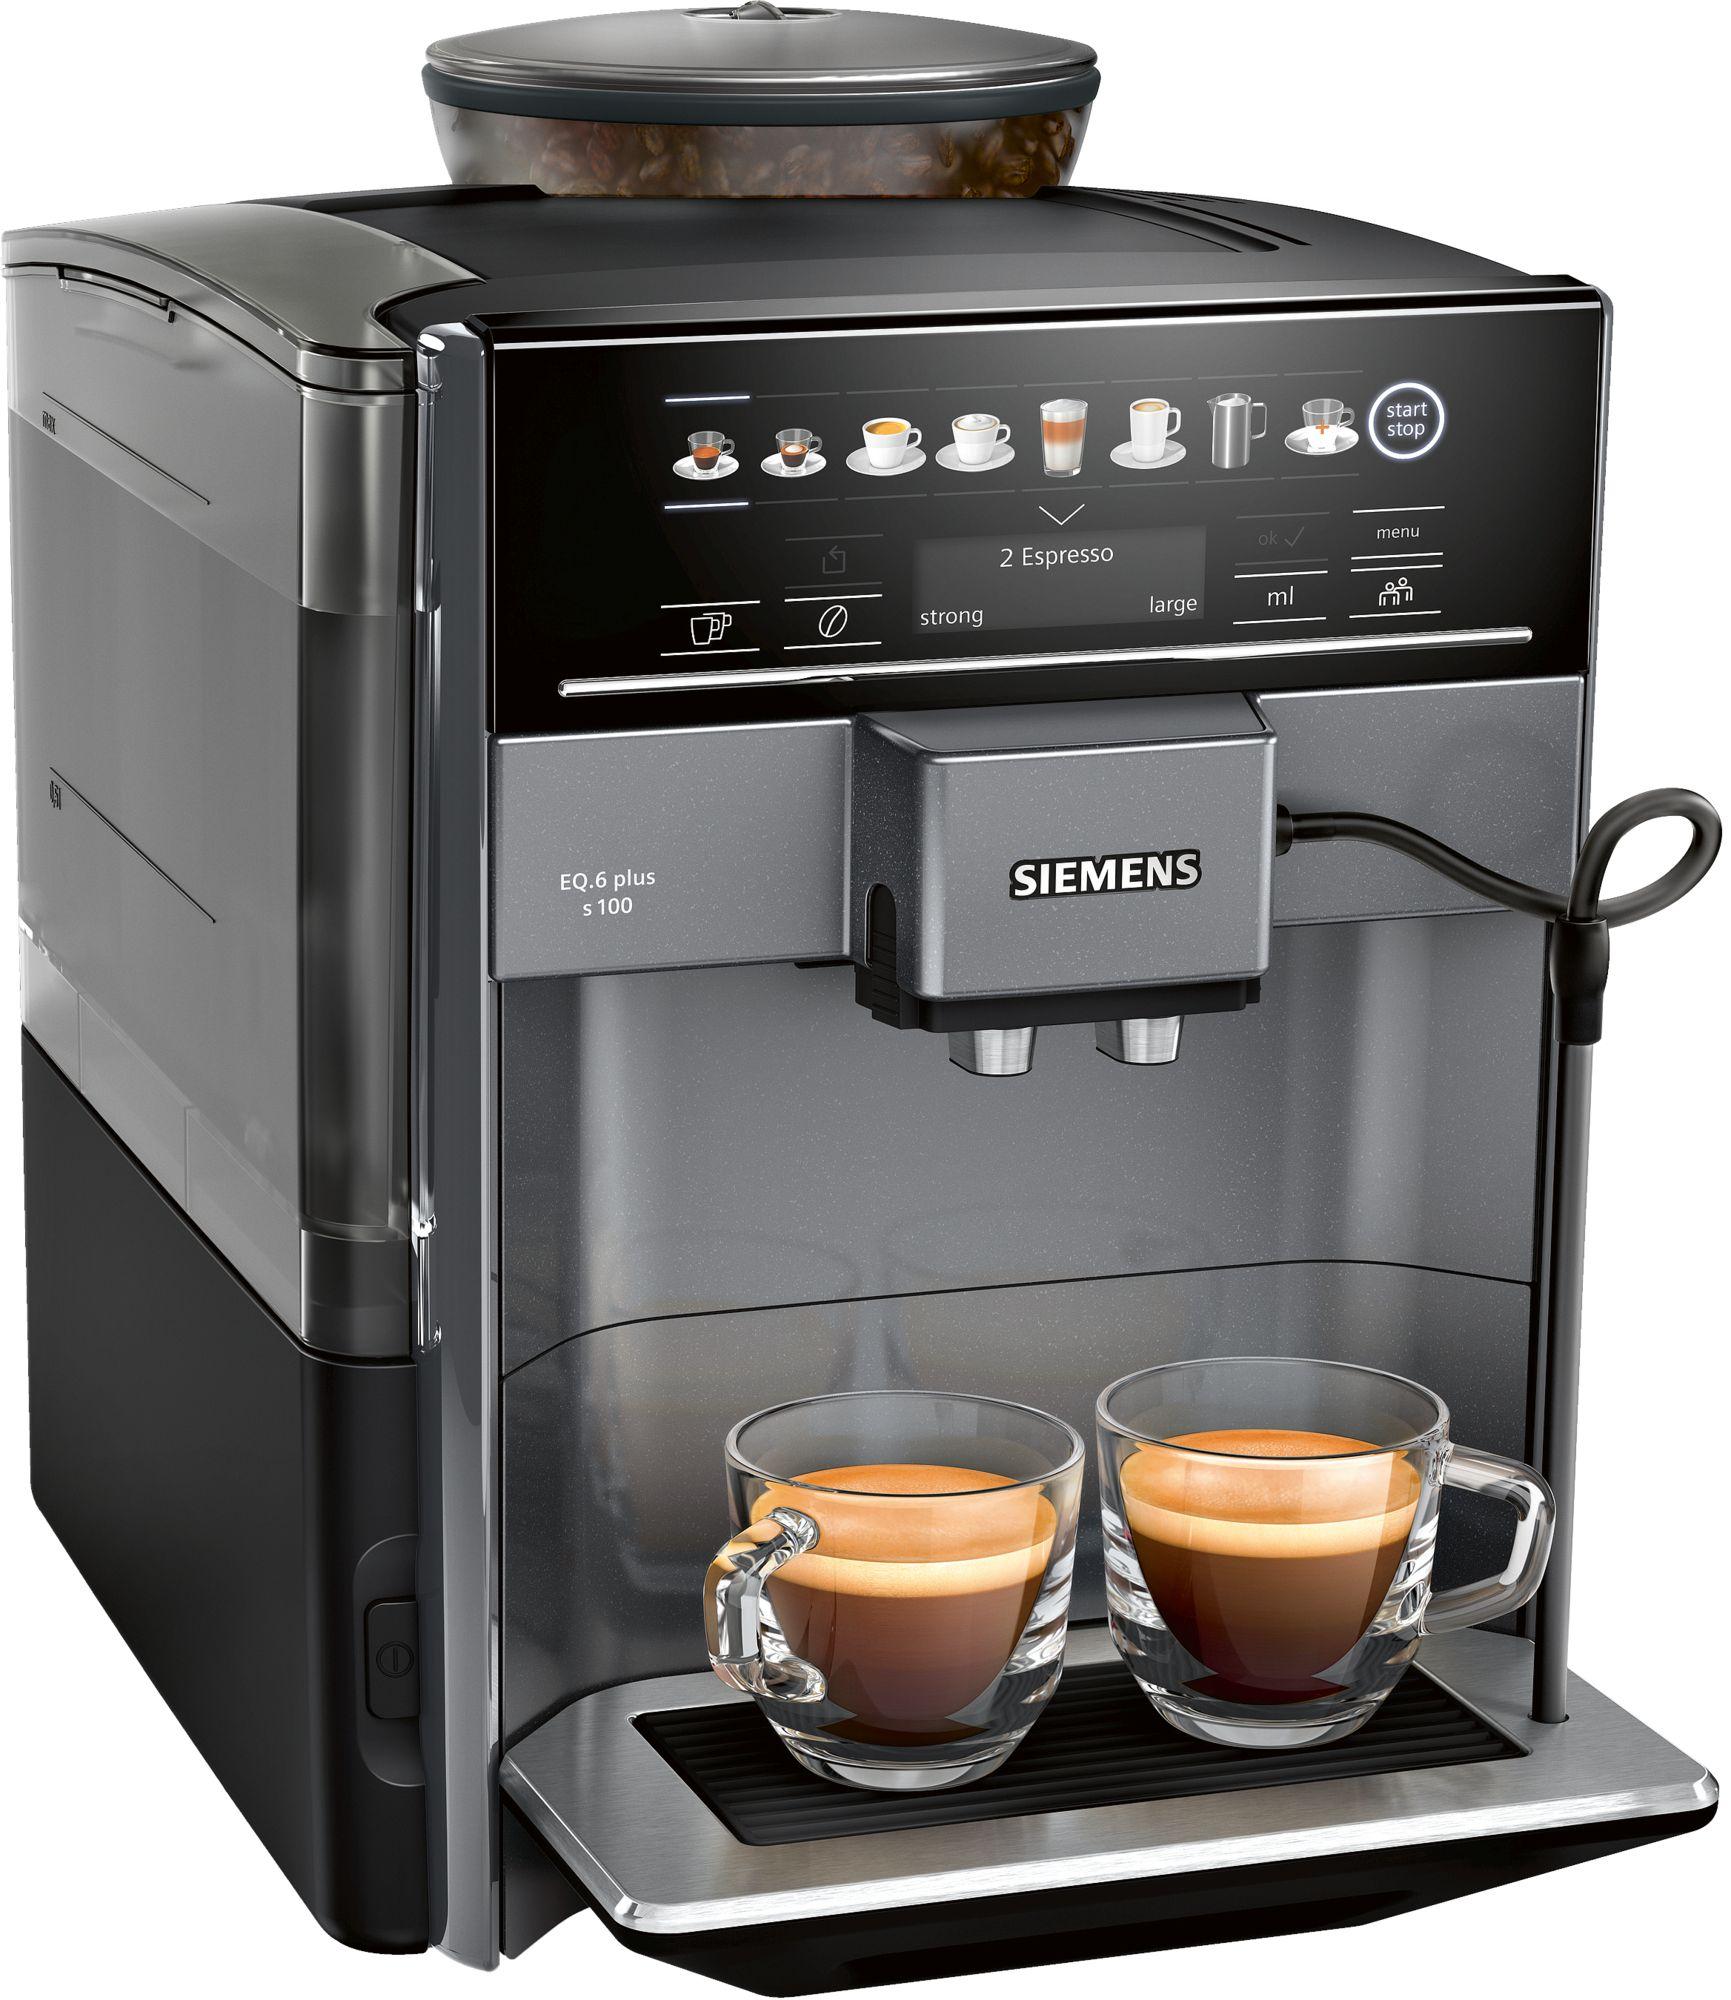 Coffee Machine Siemens Eq 6 Plus S100 User Guide